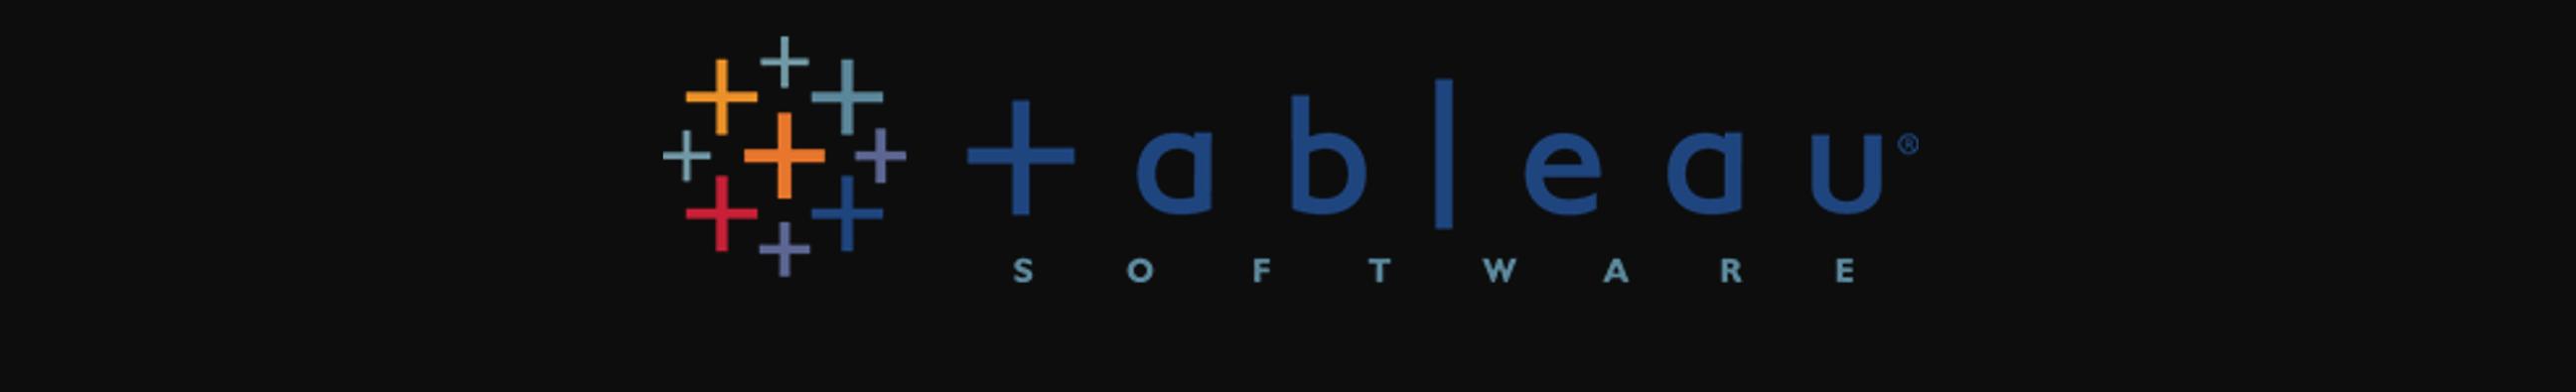 Tableau Logo - Top 10 Data Analytics Tools - Edureka